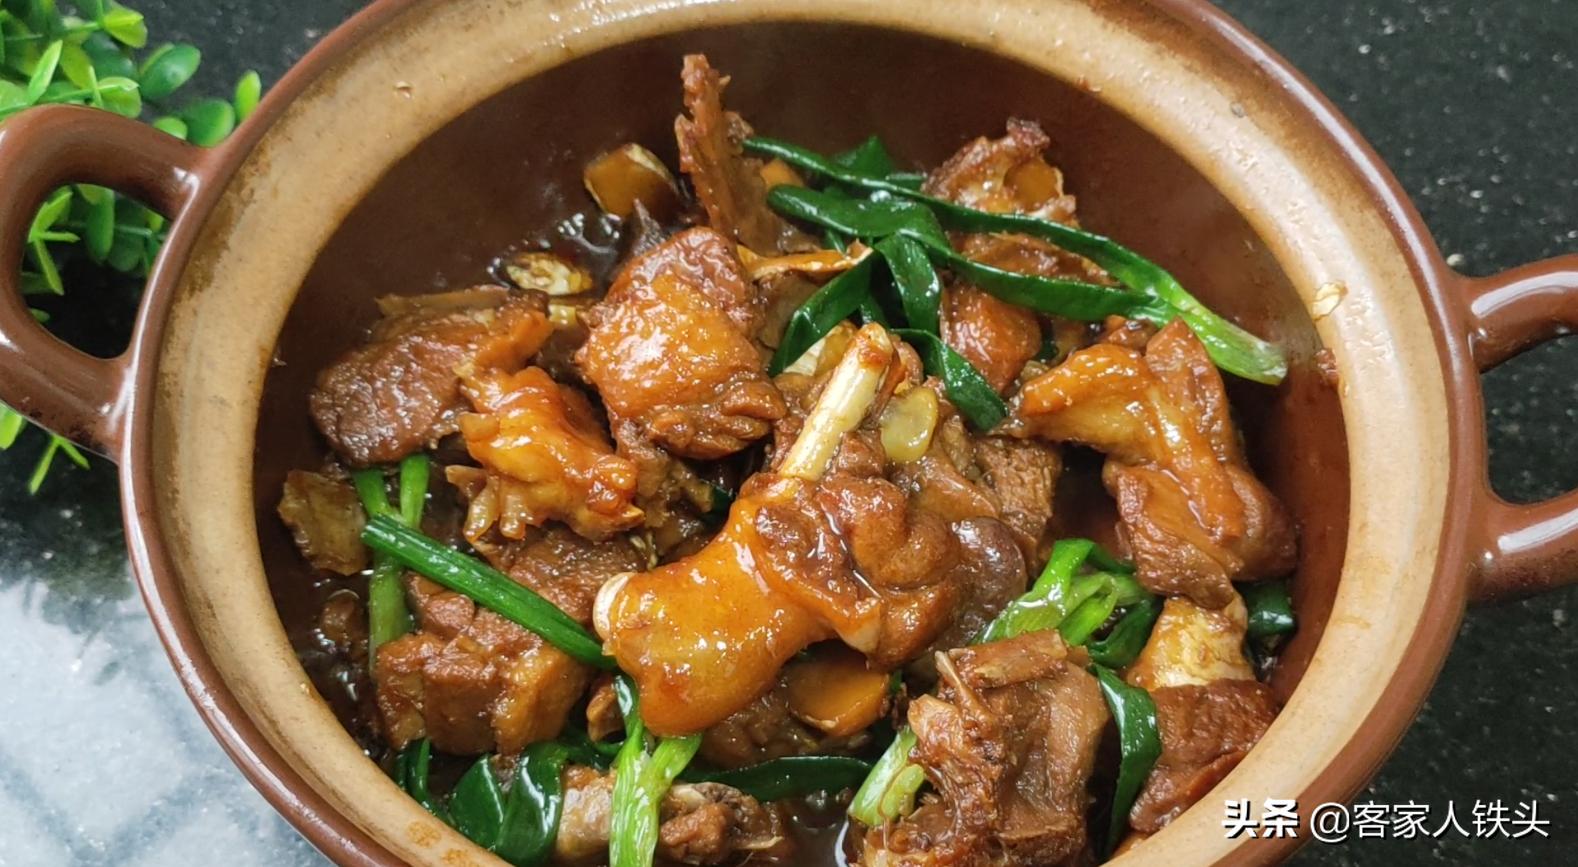 广式麻油鸭,广东人百吃不腻的一道家常菜,喷香不油腻,越吃越爱 美食做法 第9张